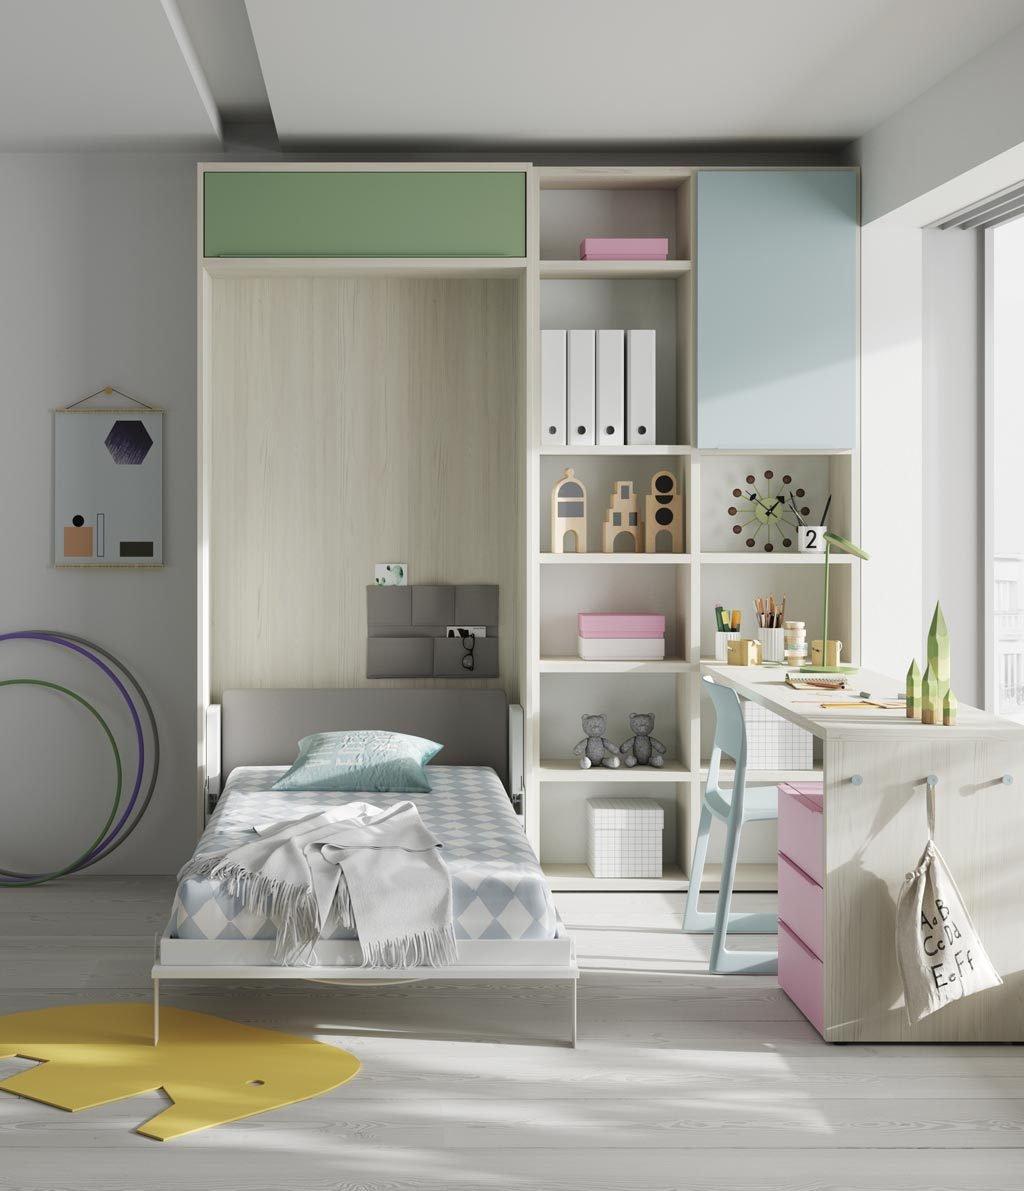 Con la cama abatible vertical abierta queda espacio suficiente en la habitación